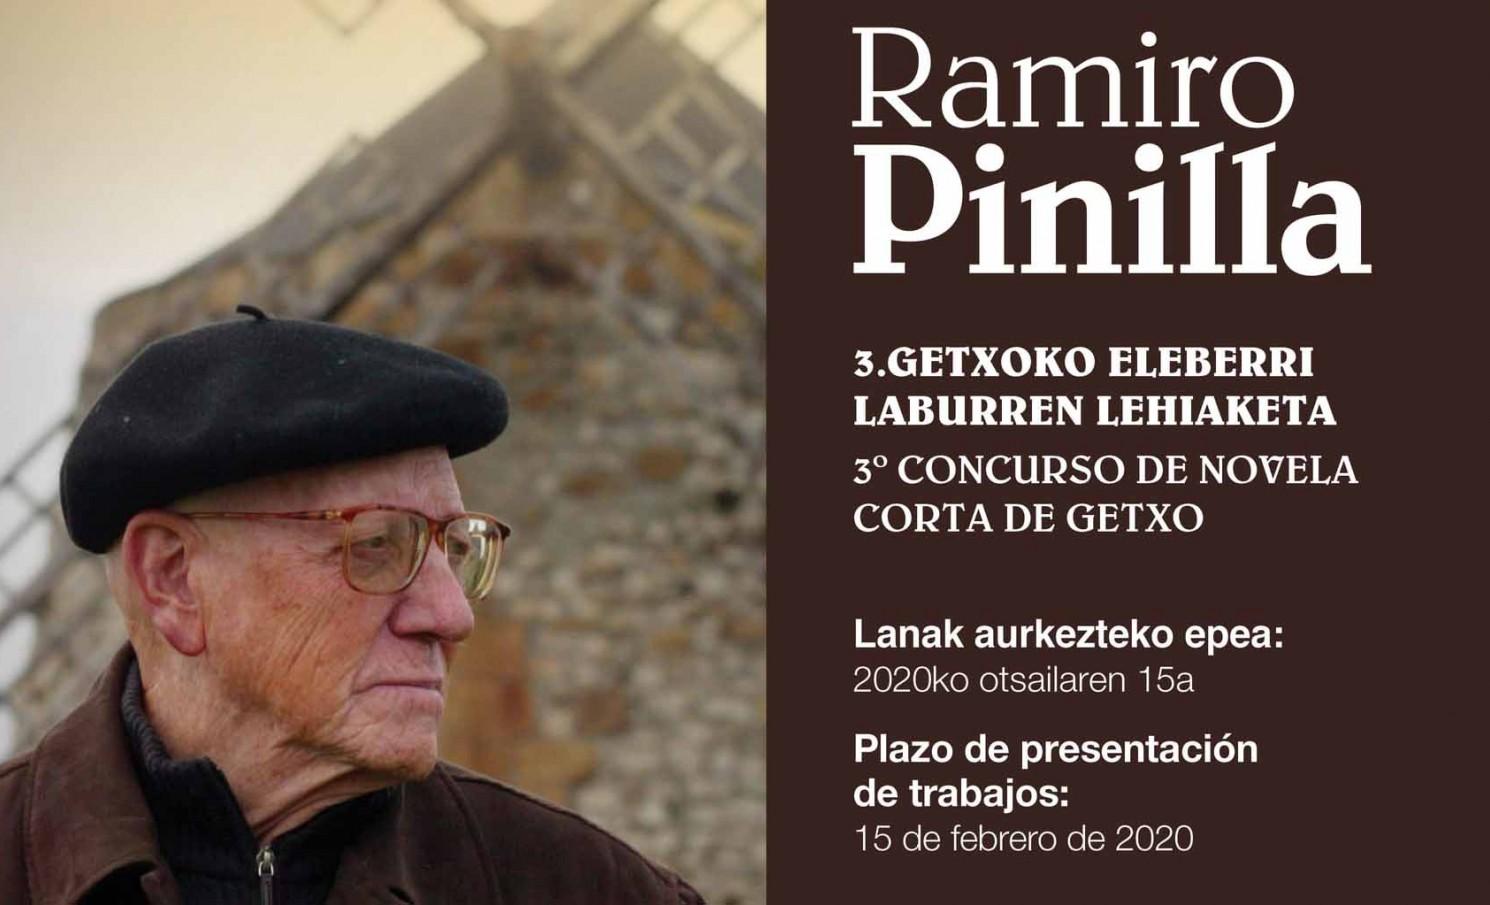 III Concurso de novela corta Ramiro Pinilla de Getxo